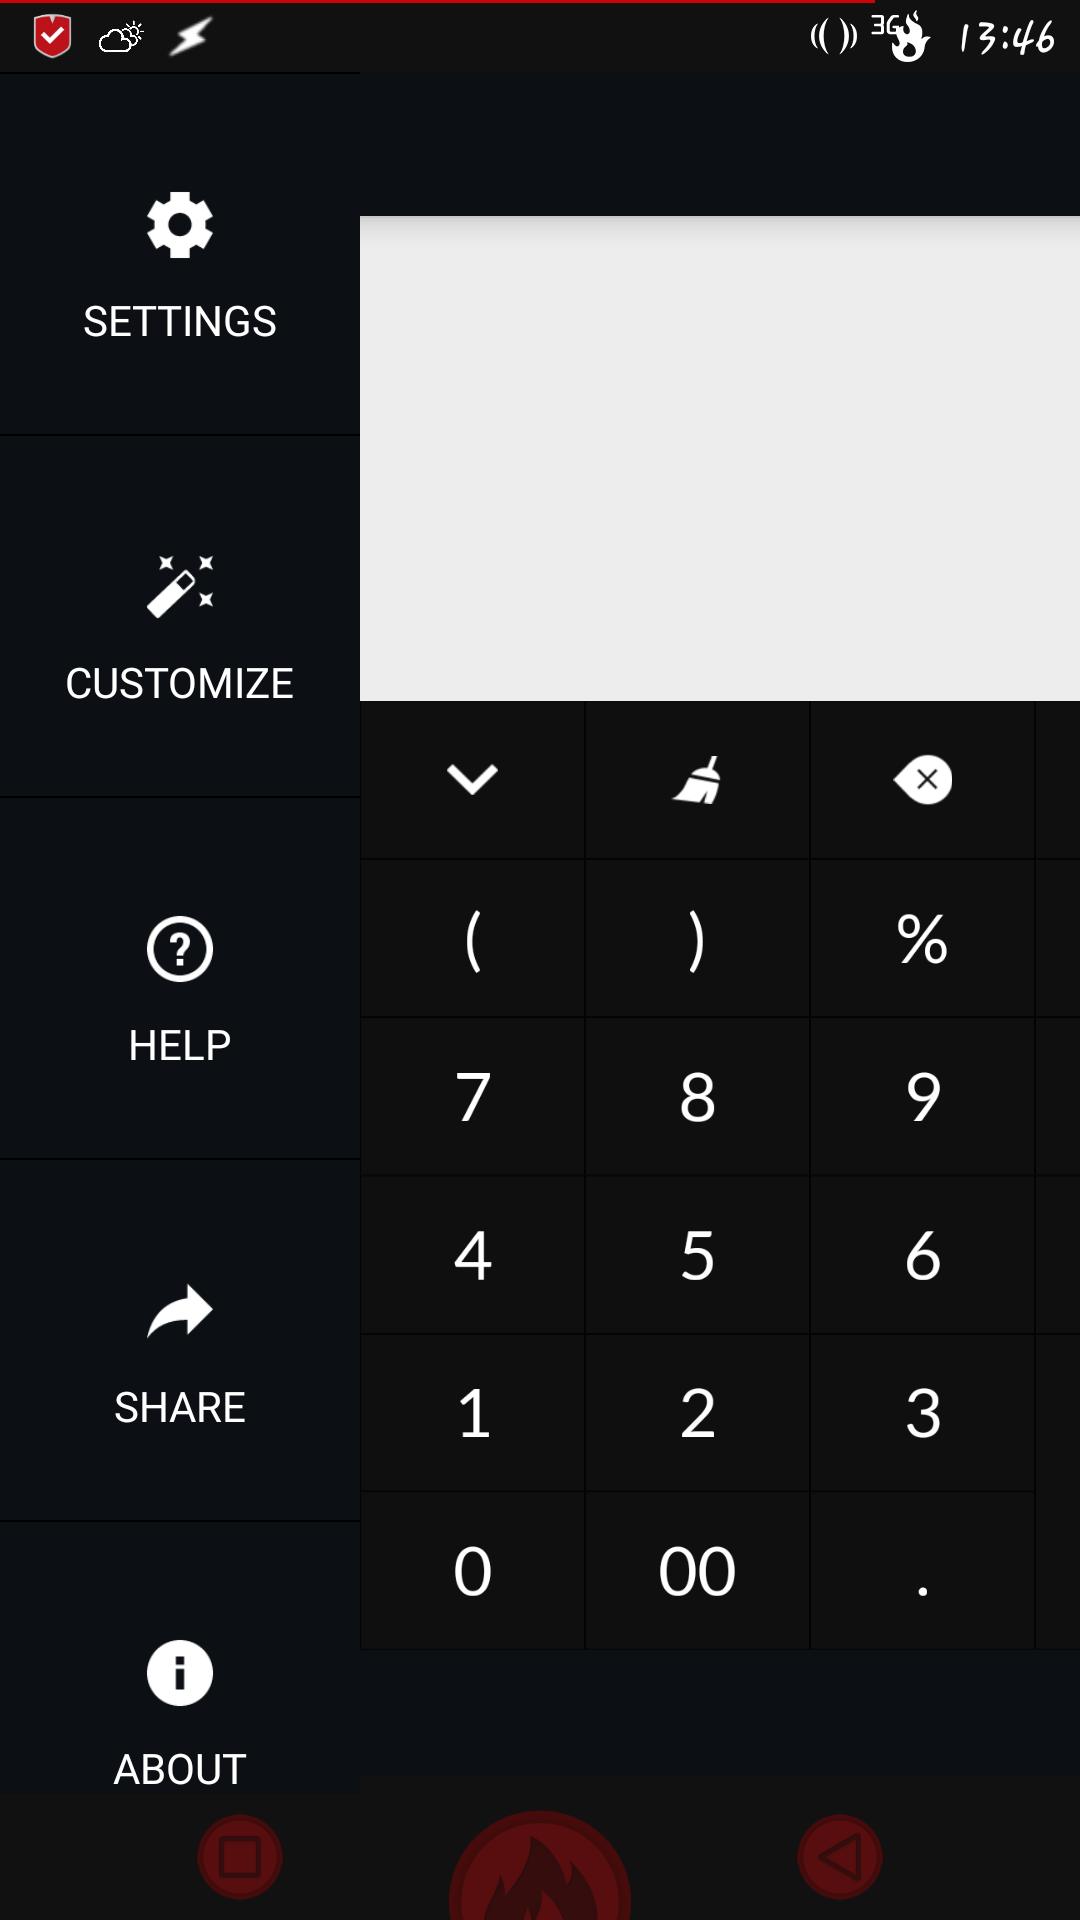 [APPLICATION ANDROID - CALC+] Une calculatrice différente avec plus de 15 thèmes [Gratuit] 144342351761117